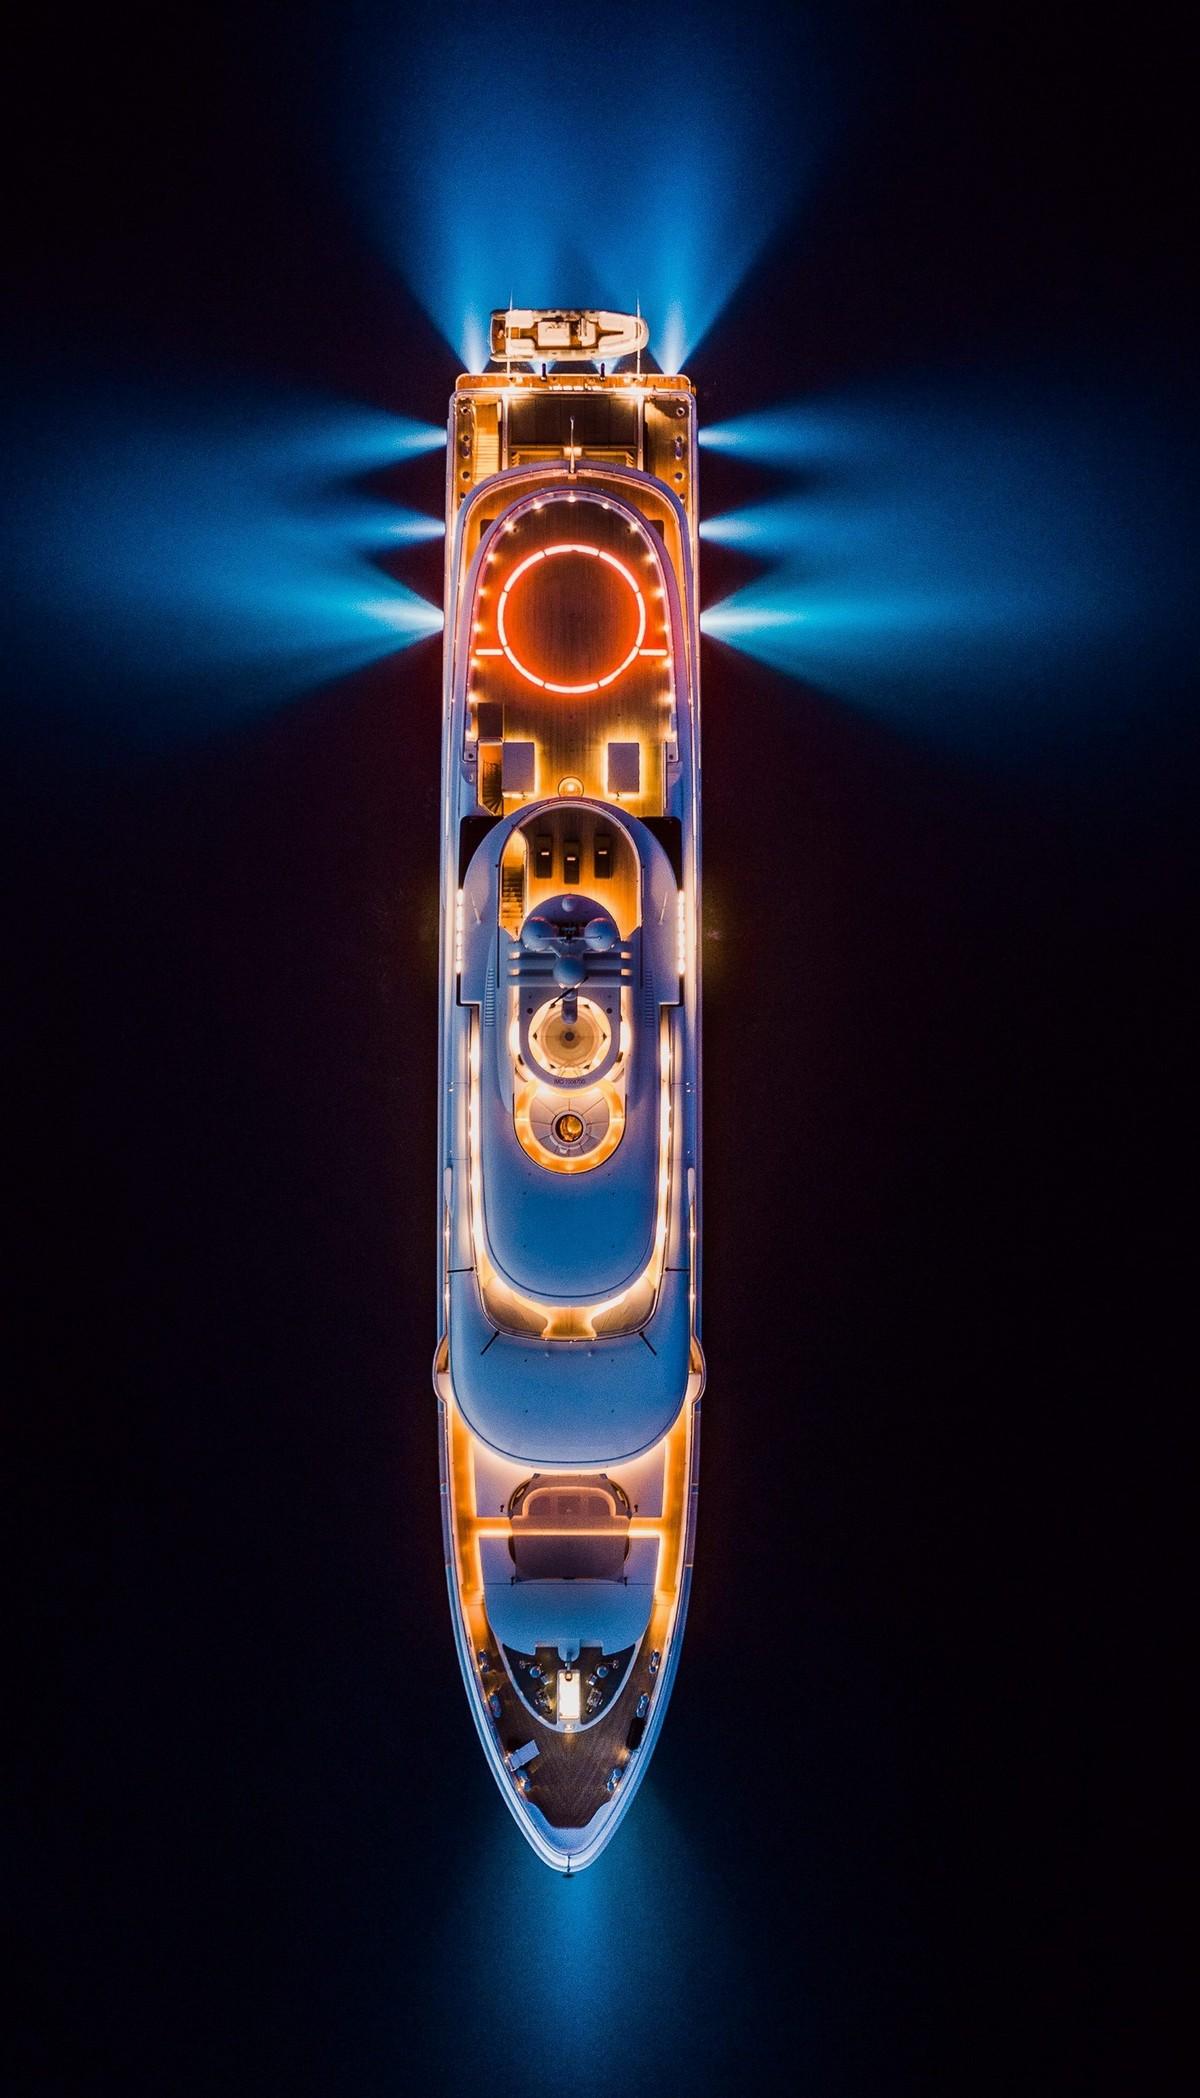 Суперяхты светятся ночью яркими огнями во время яхт-шоу в Монако